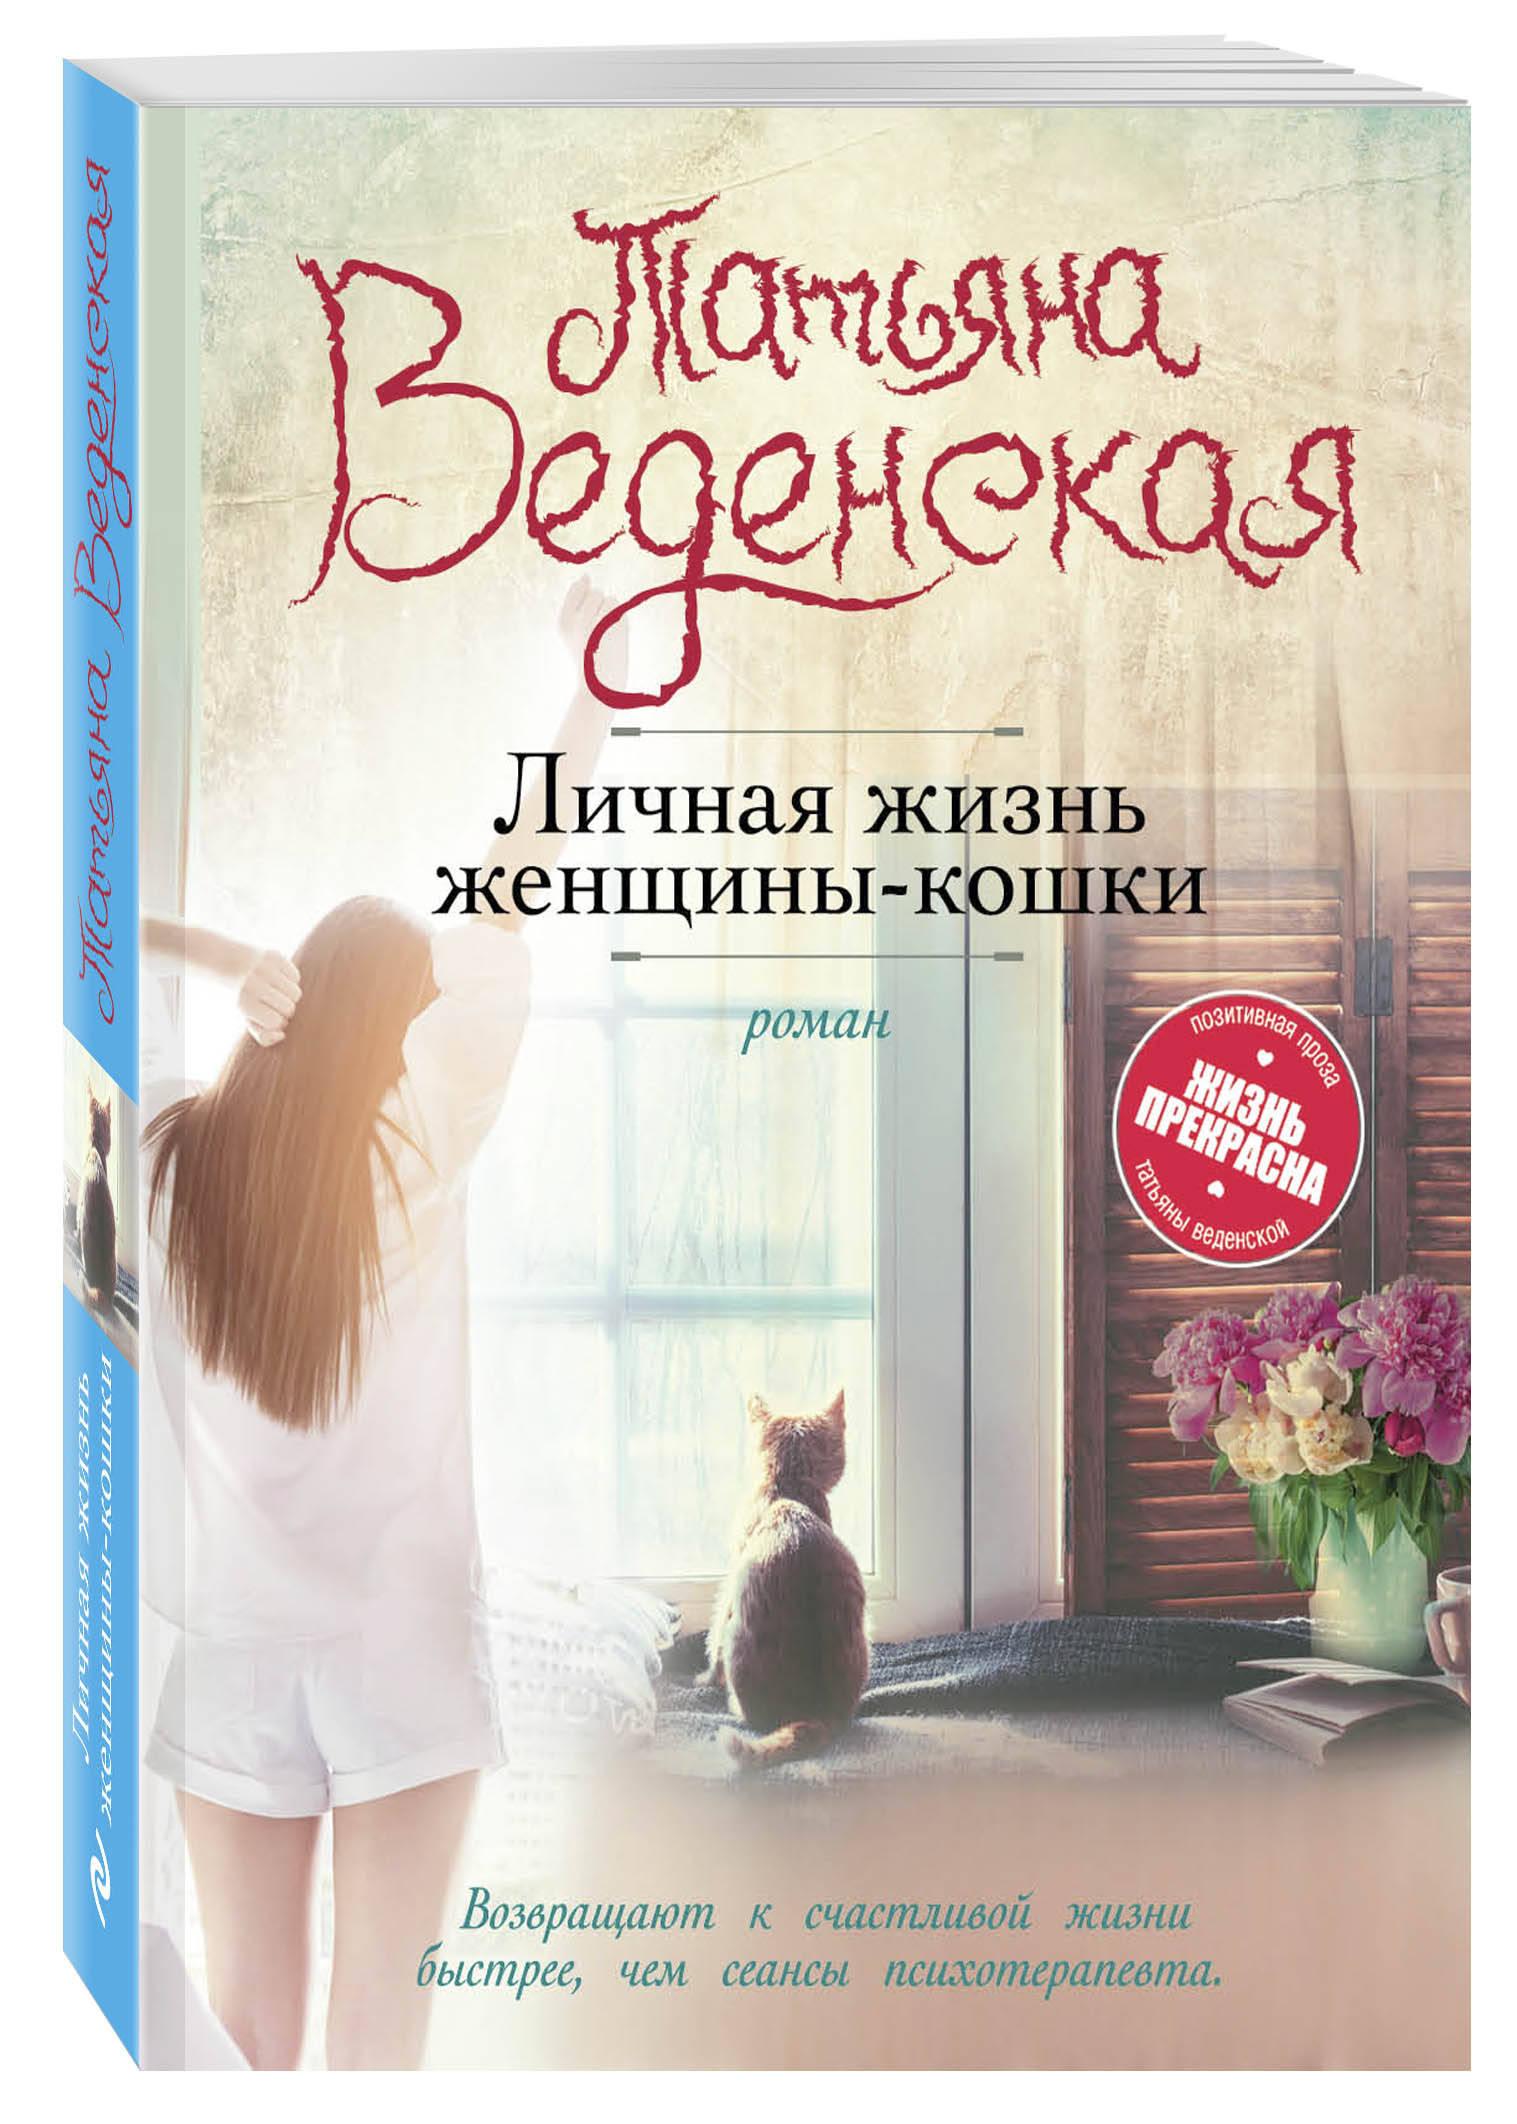 Личная жизнь женщины-кошки ( Веденская Т.  )